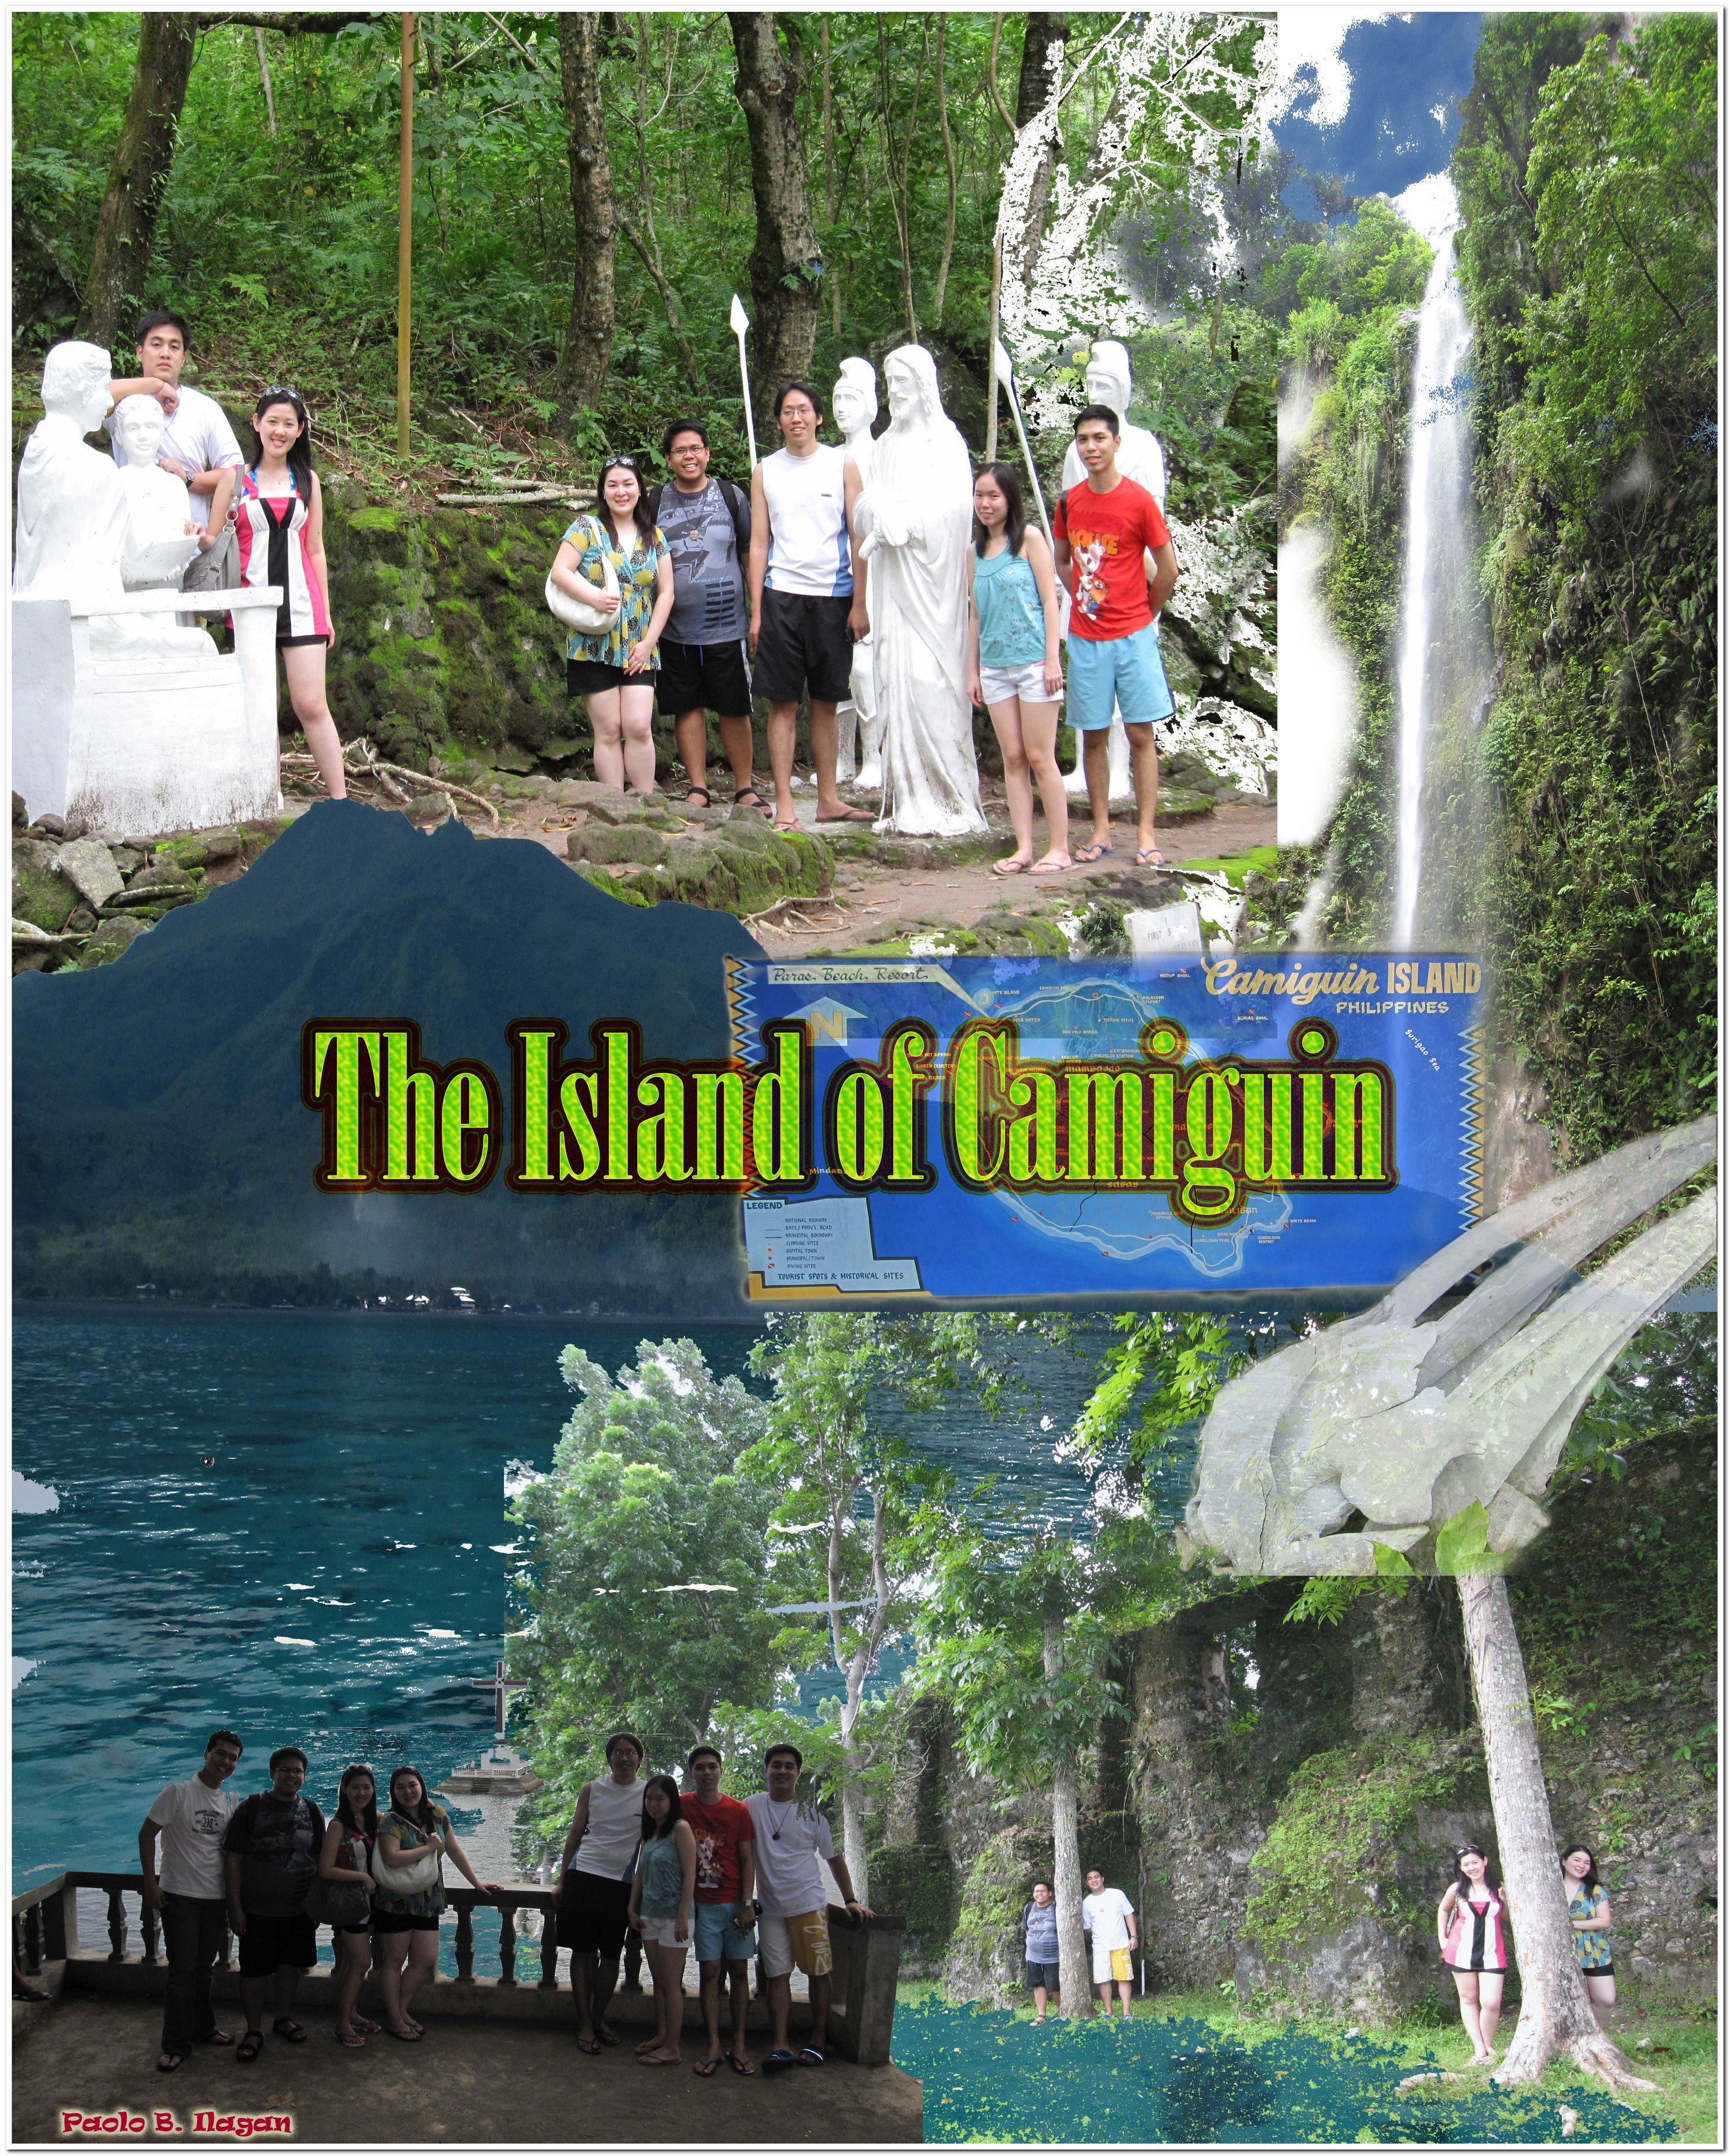 Camiguin Island: 1st Photoshop Artwork